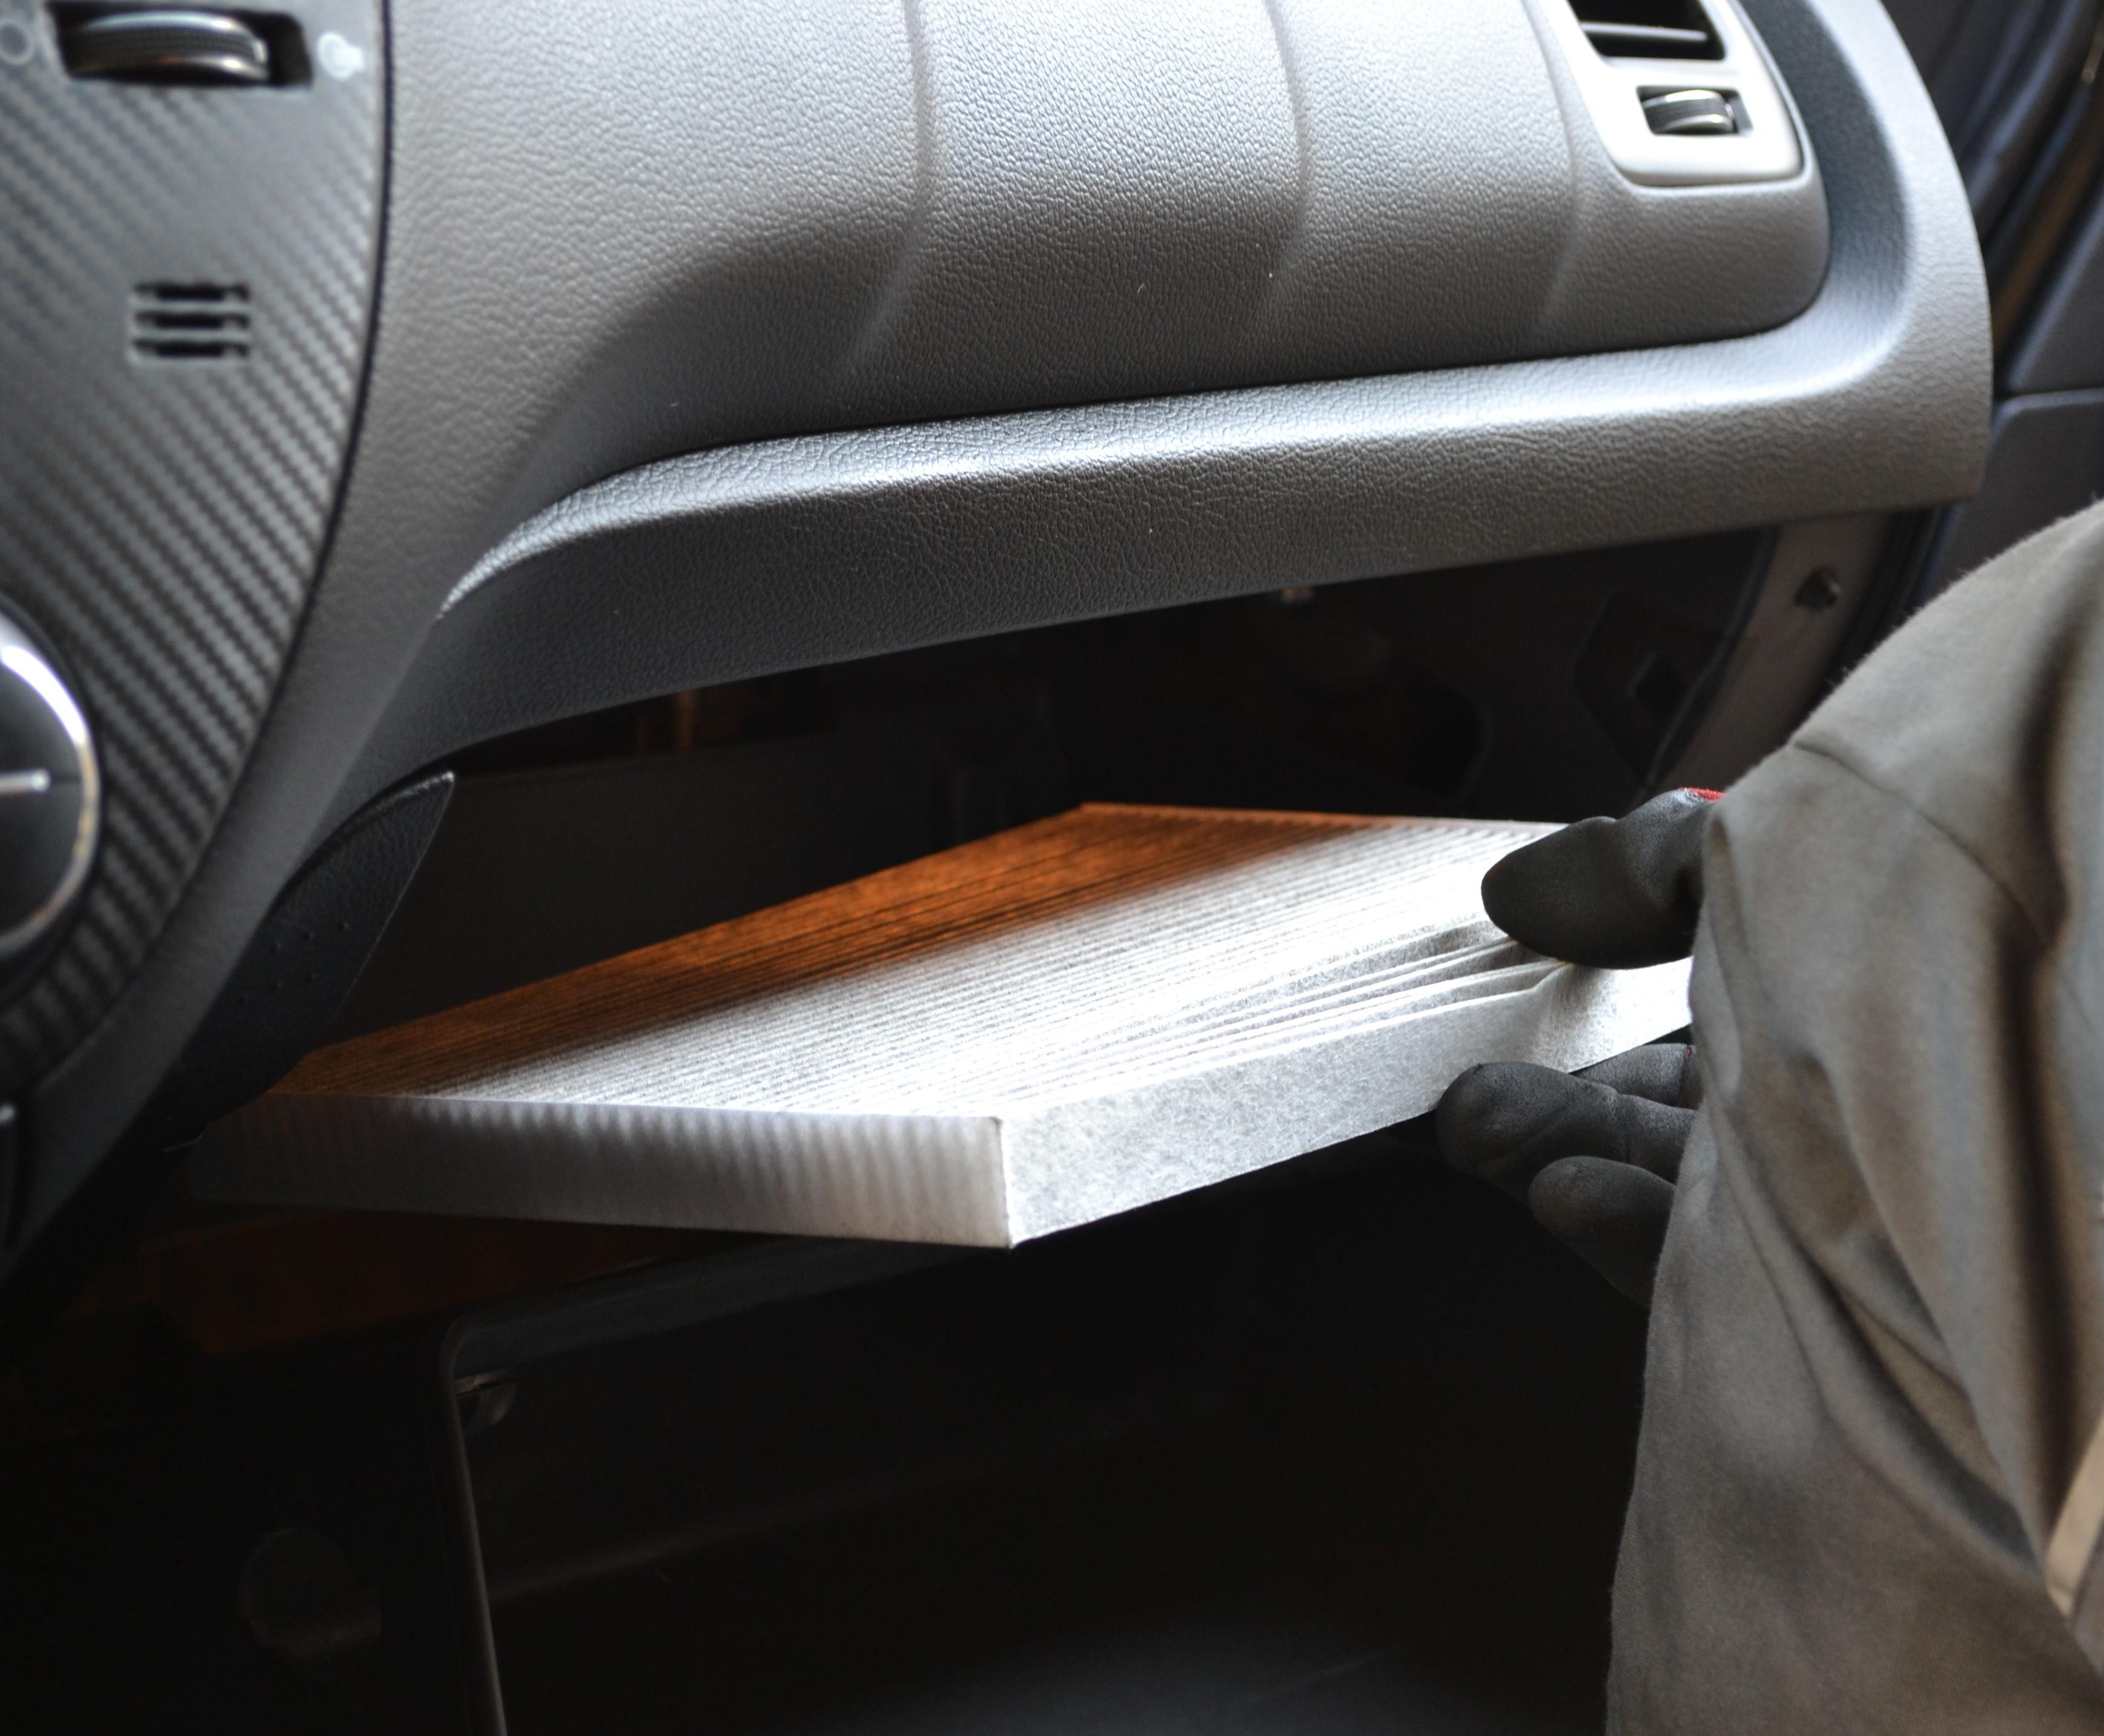 فیلتر تهویه یا فیلتر کابین خودرو